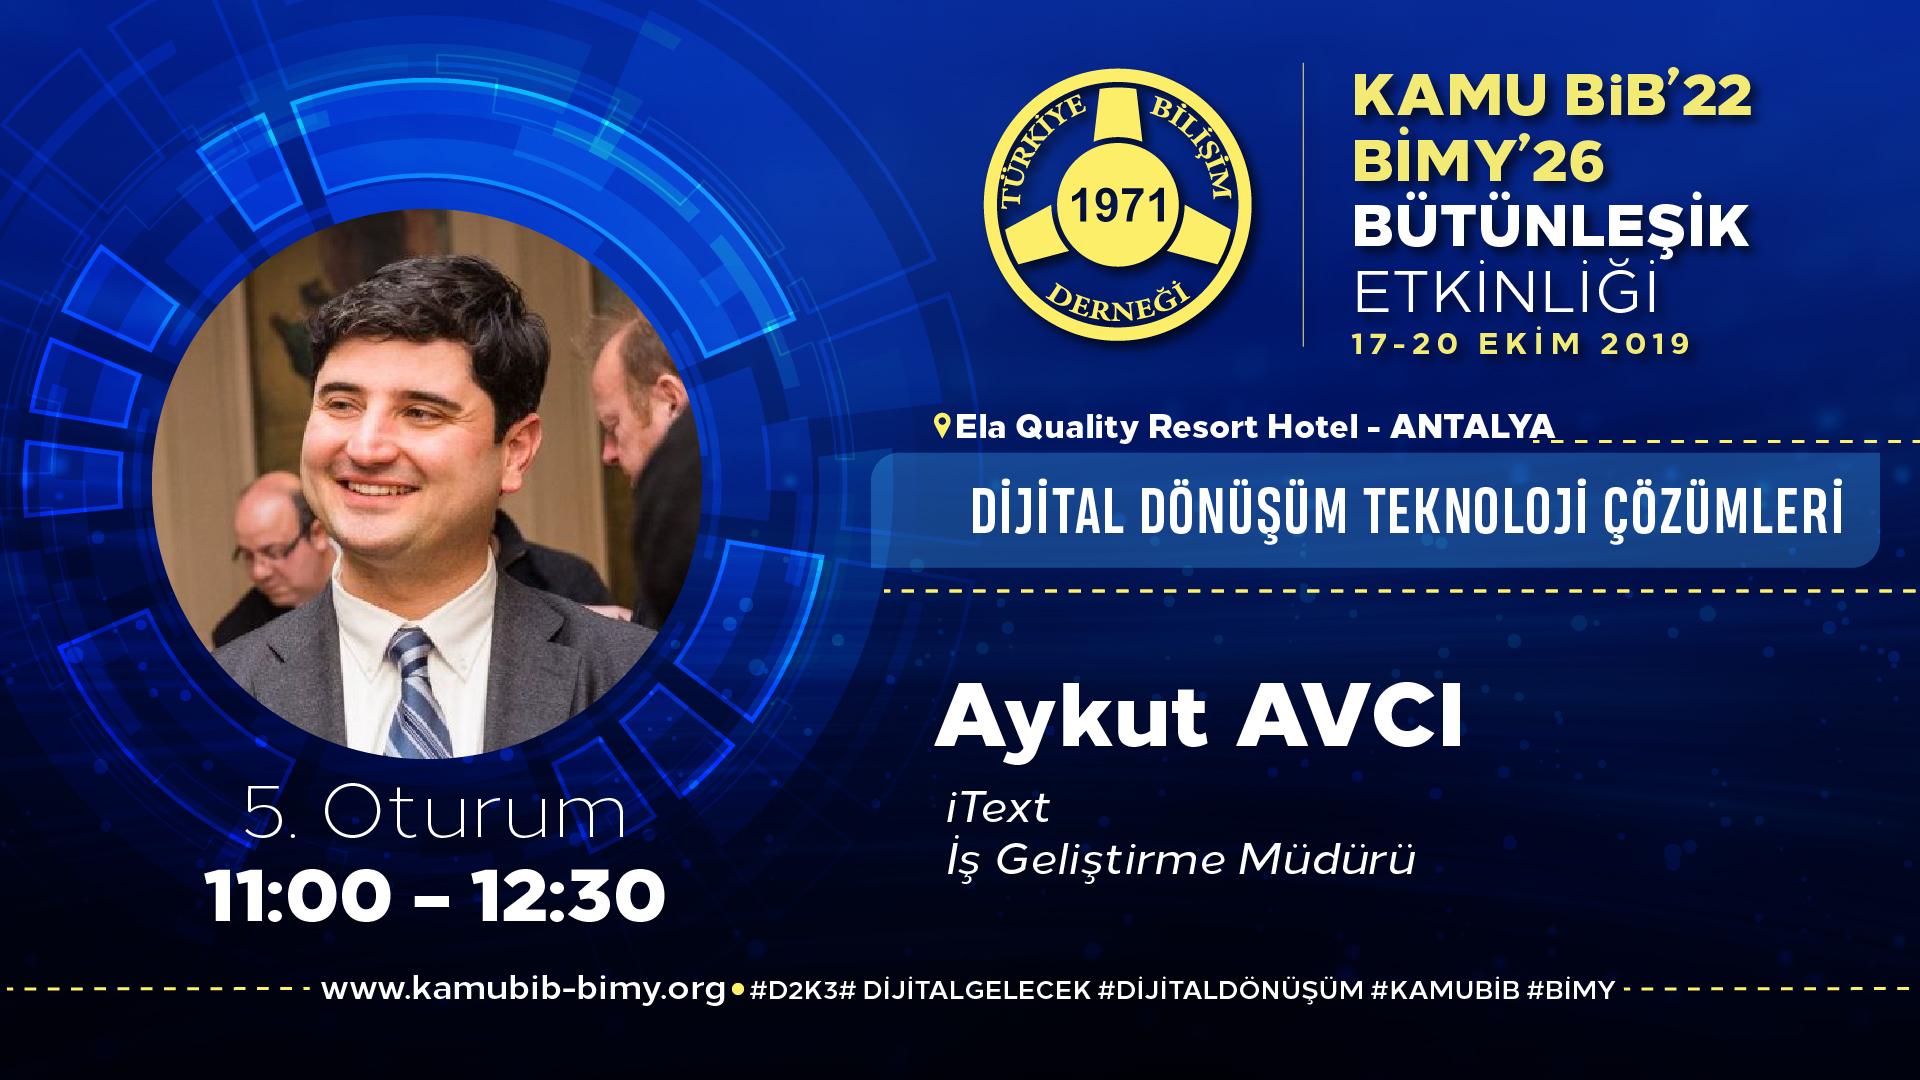 Aykut AVCI - KamuBİB'22 BİMY'26